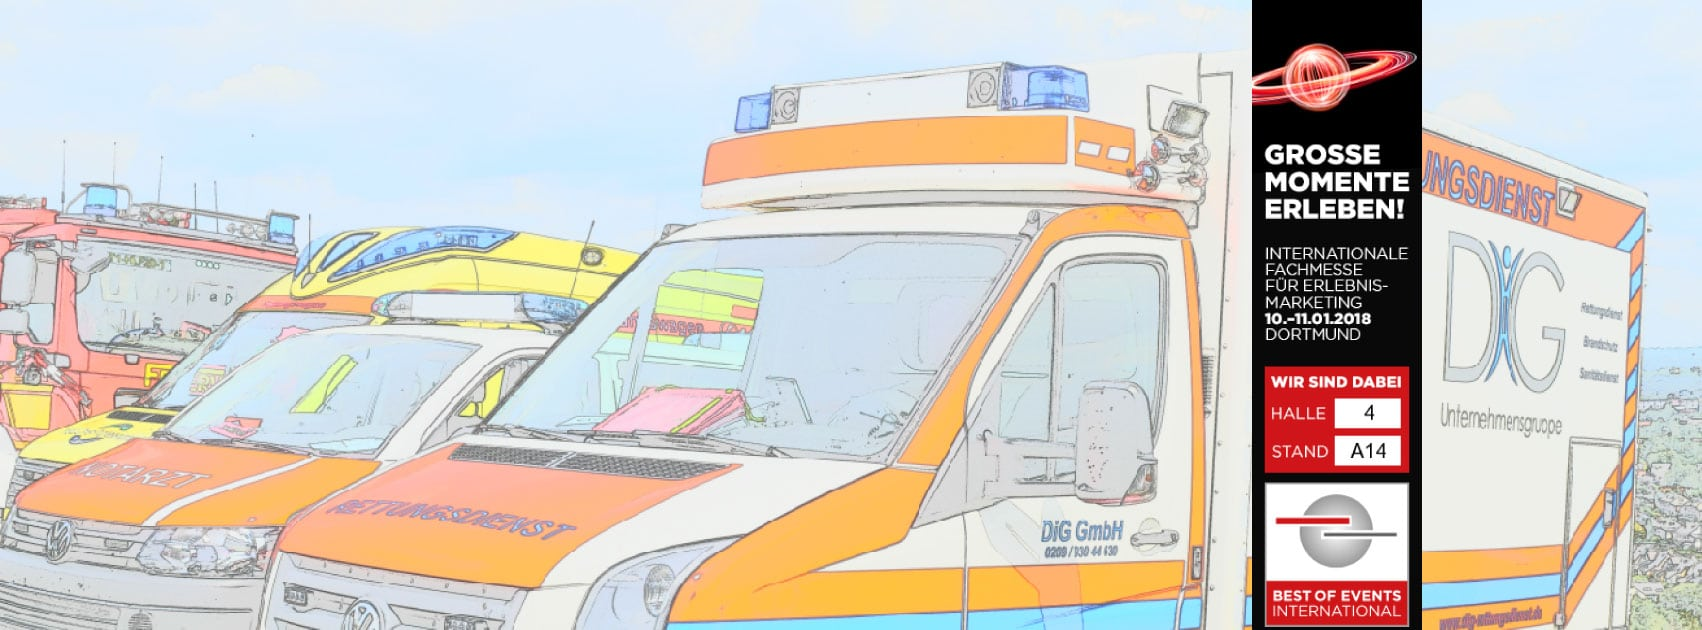 Sanitätsdienst für Betriebssanitäter, Brandsicherheitswache, Ausbildung zum Brandschutzhelfer (Branschutzhelfer Kurs), Sanitätscontainer : DiG GmbH Ulrichstr. 8, 45891 Gelsenkirchen 46